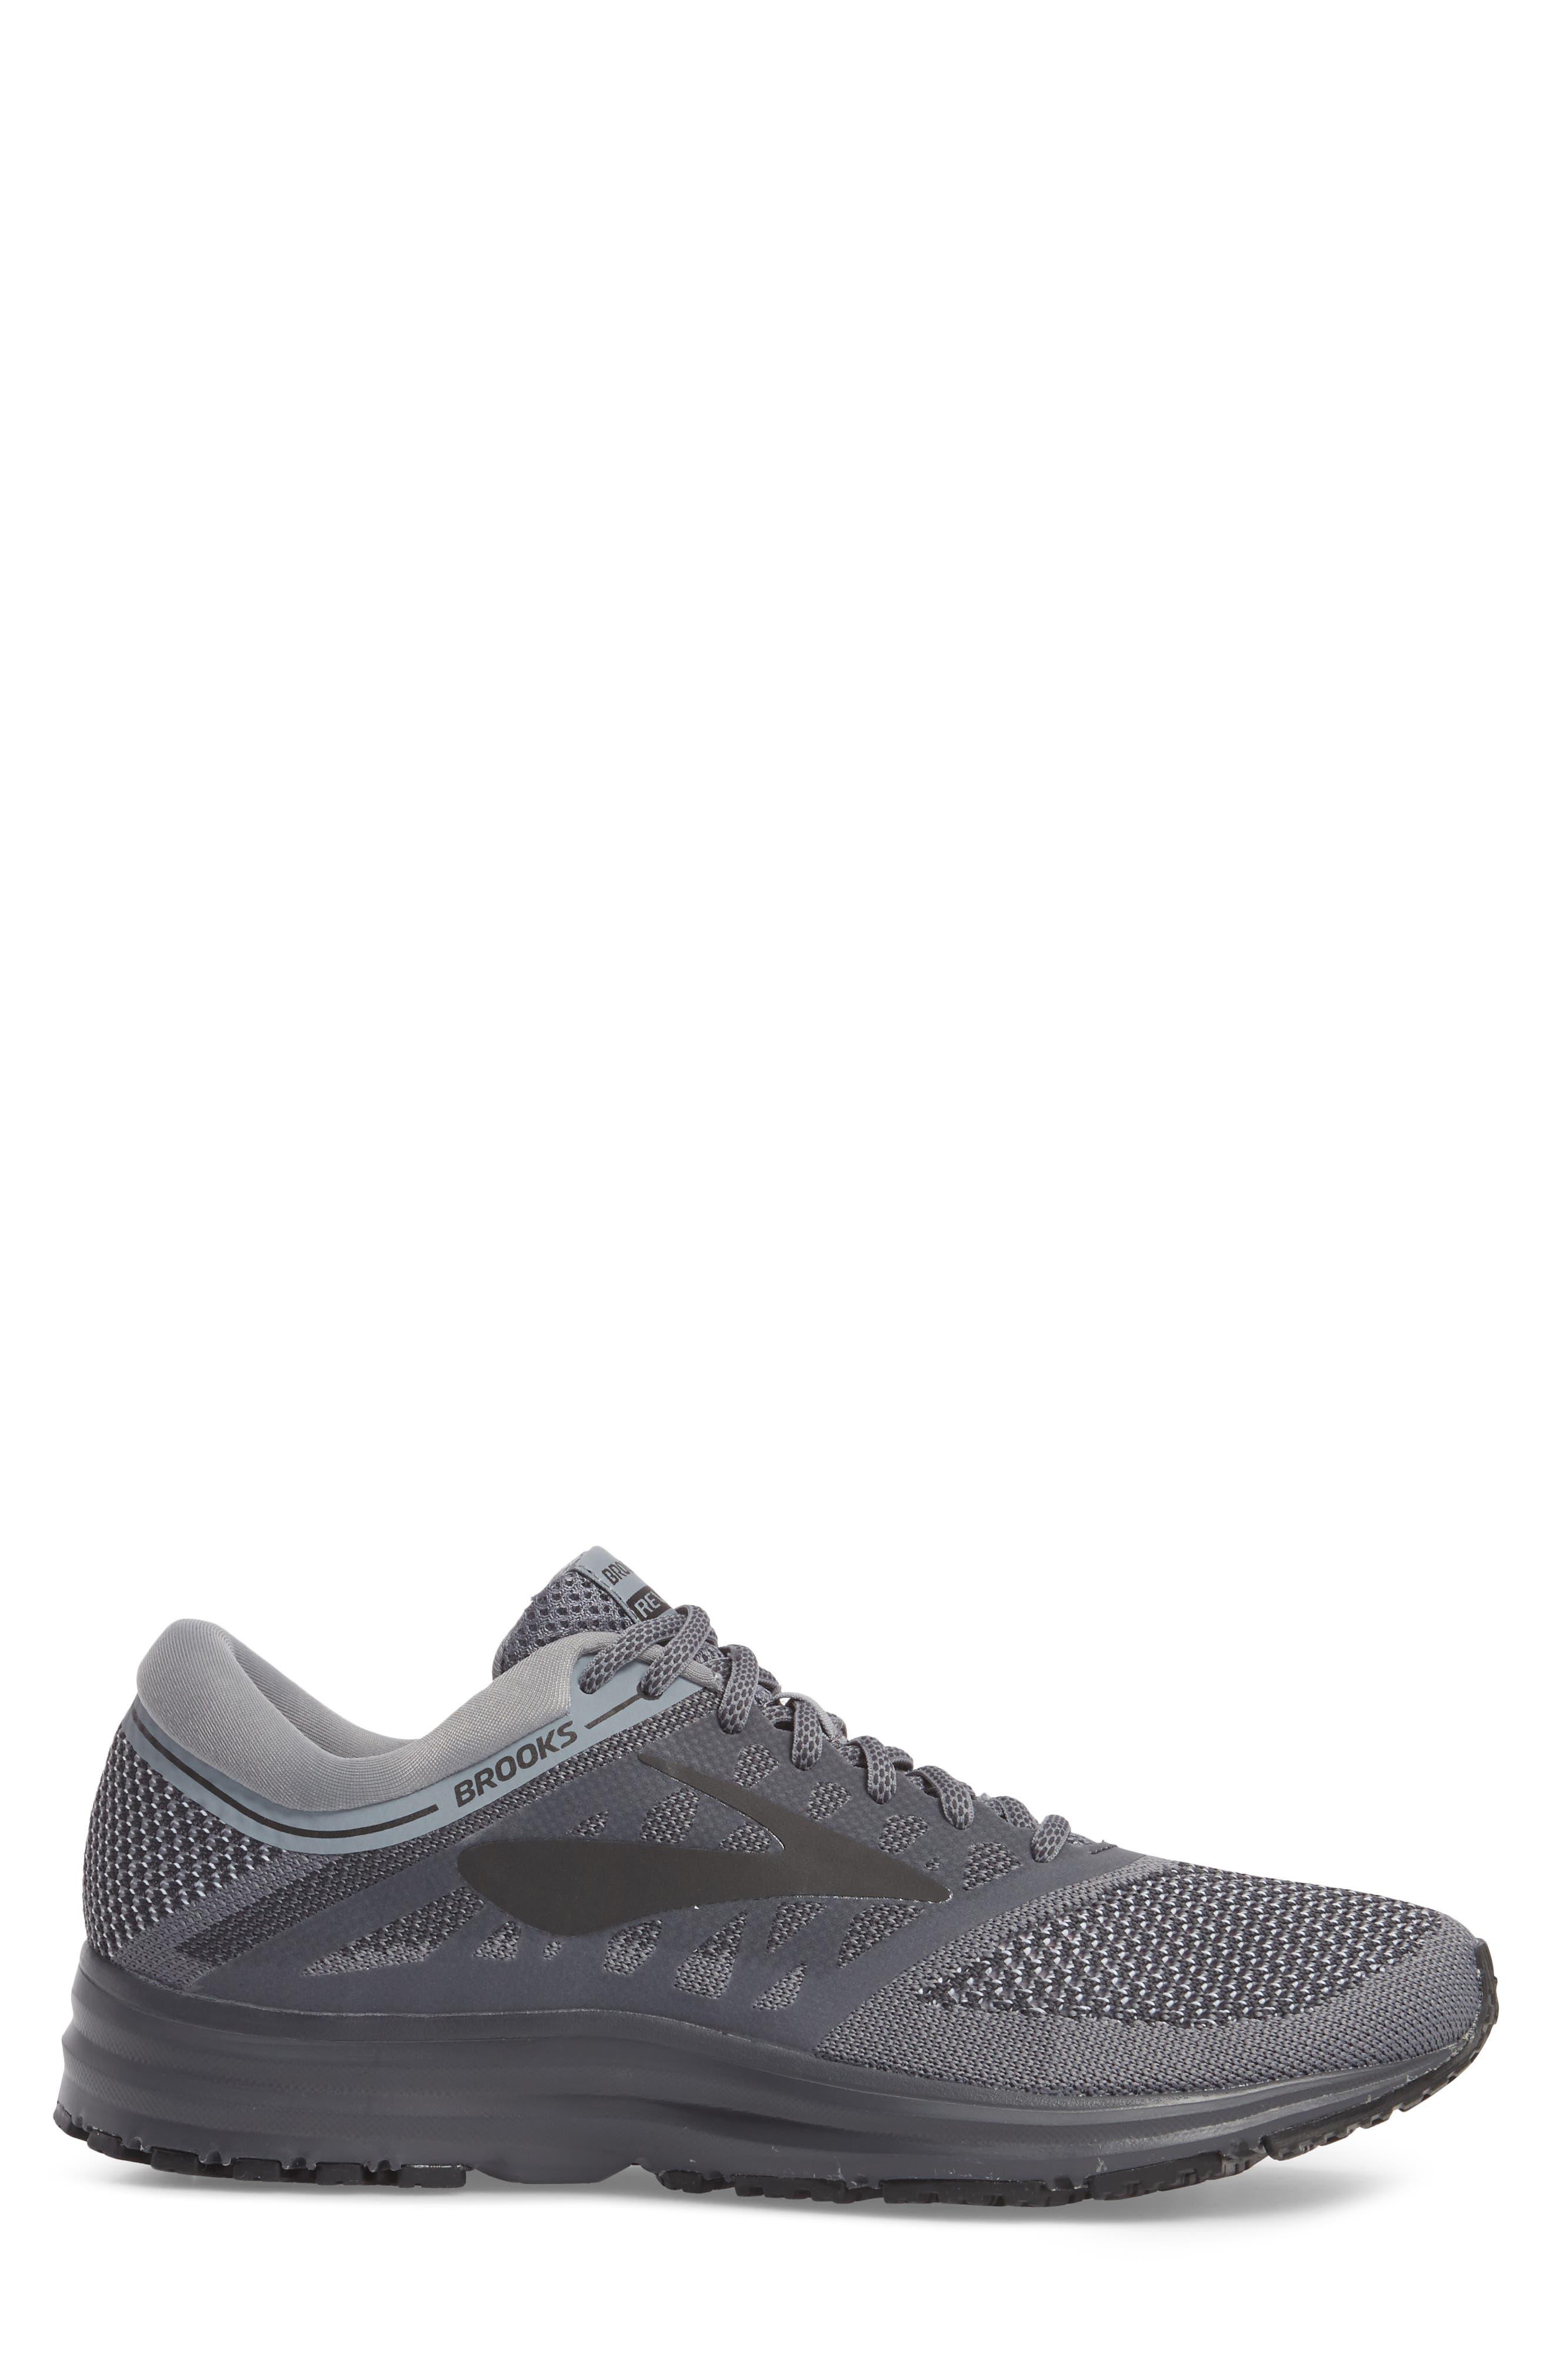 Revel Sneaker,                             Alternate thumbnail 3, color,                             089